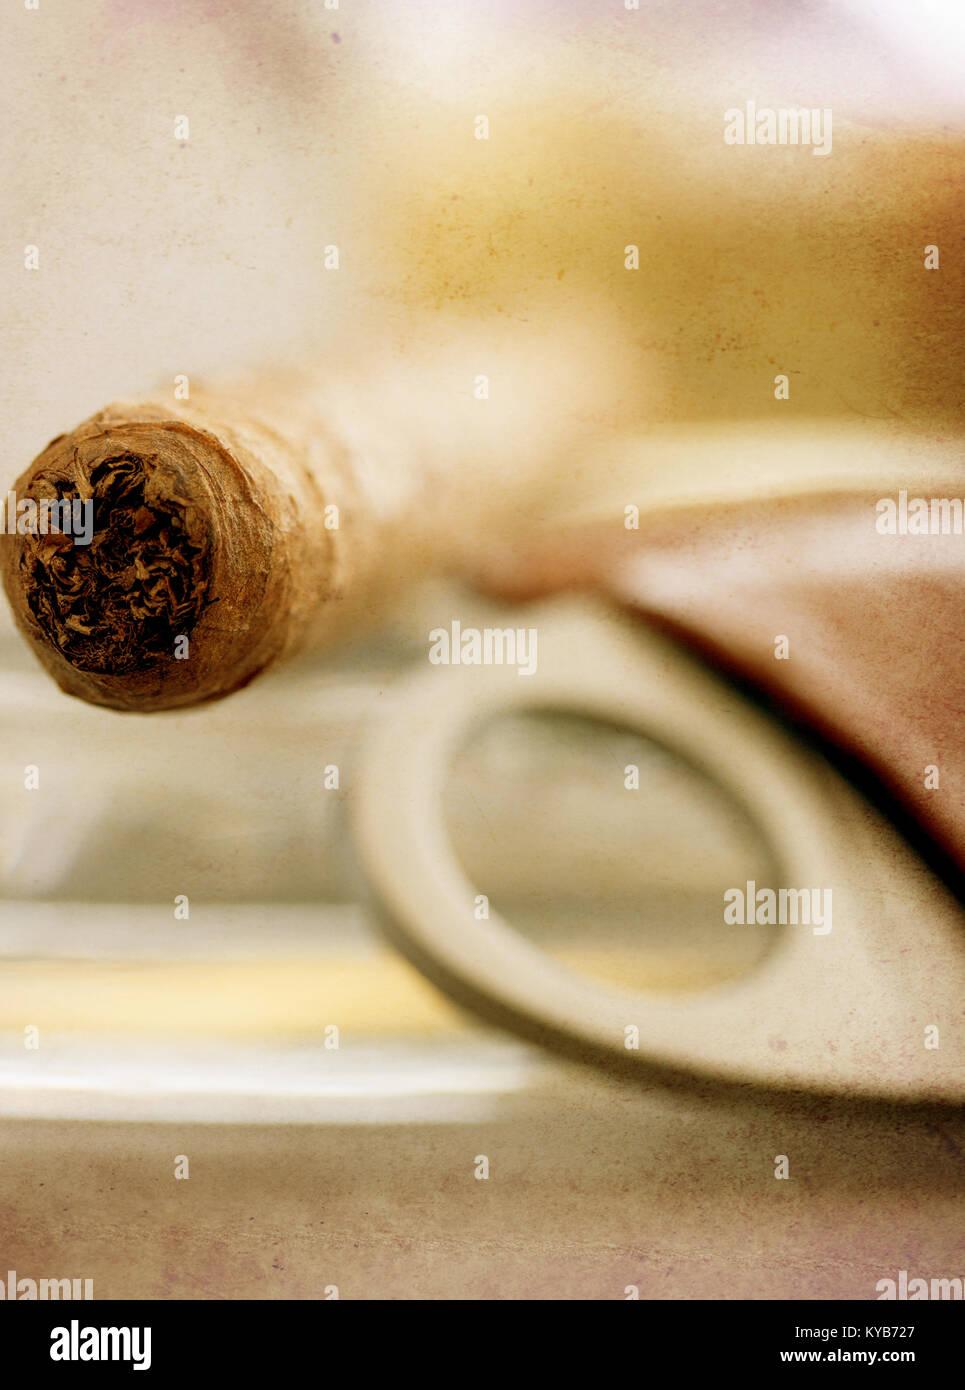 Cigar Bar Stock Photos & Cigar Bar Stock Images - Alamy